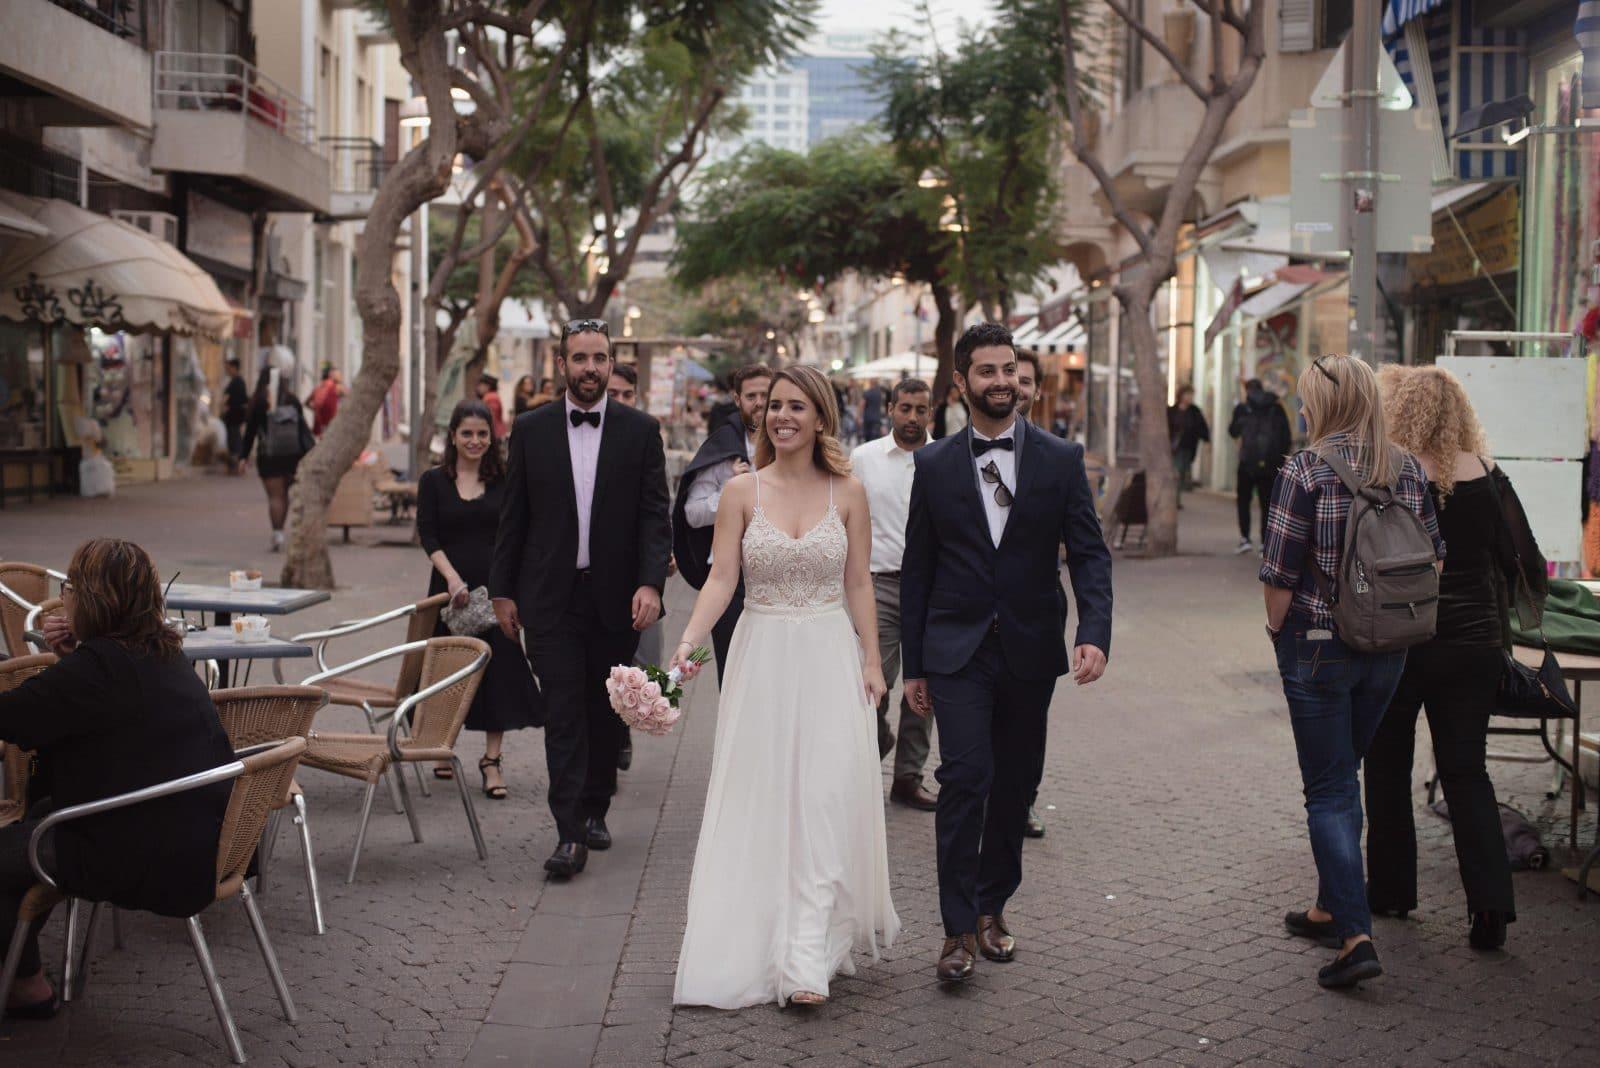 חתן וכלה- בדרך לחתונה באולם אירועים גרייס